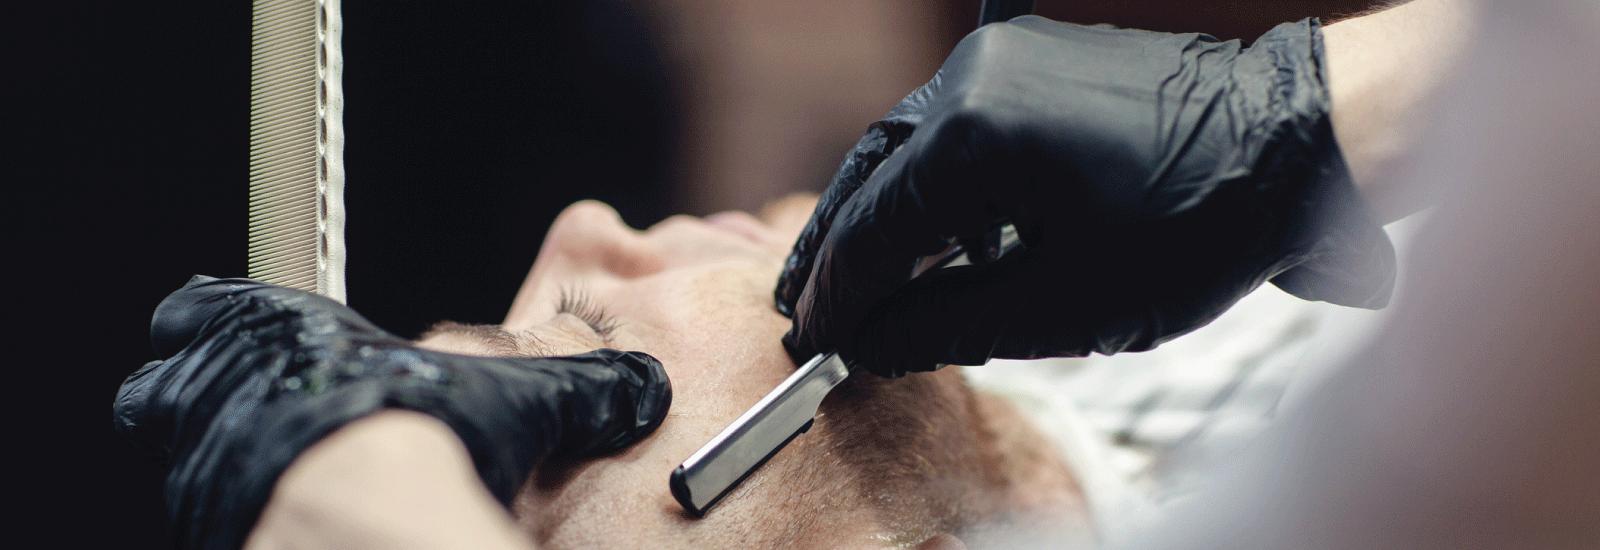 Ellsworth AFB Barber Shops